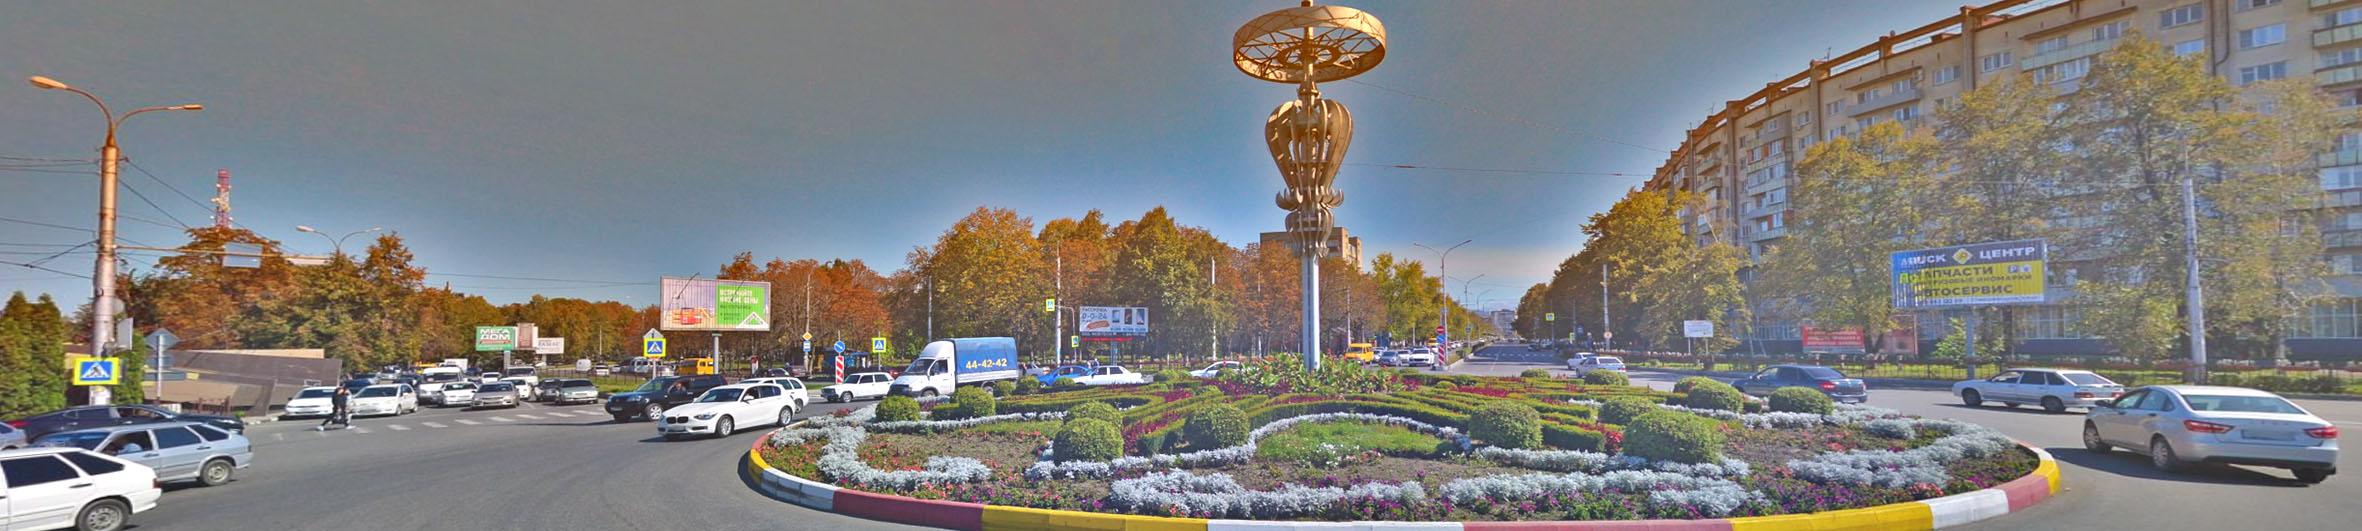 Реклама на билбордах в РСО-Алания Владикавказ